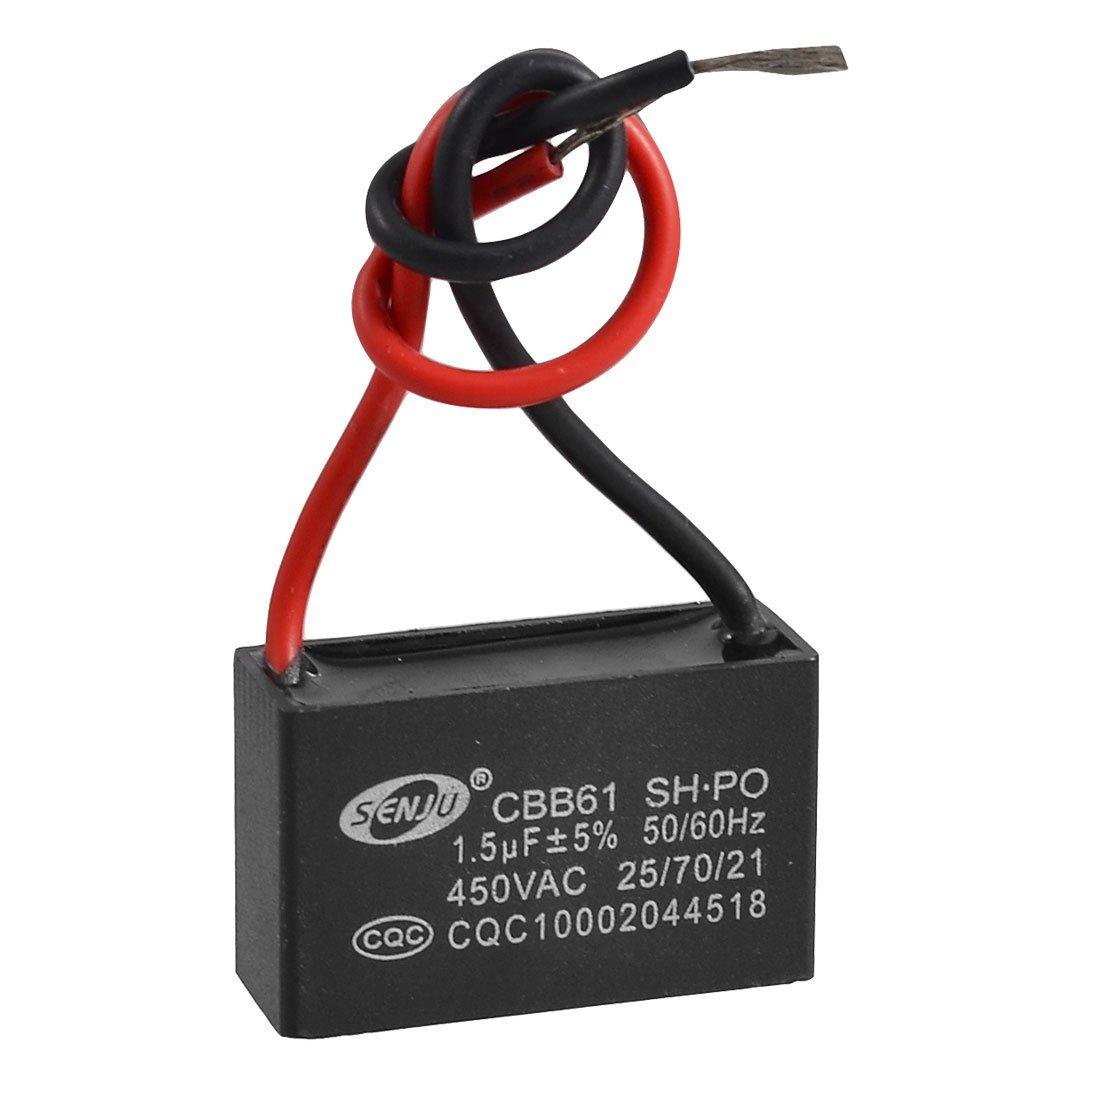 Cbb61 Ac 450v 1 5uf 2 Wire Terminal Ceiling Fan Motor Run